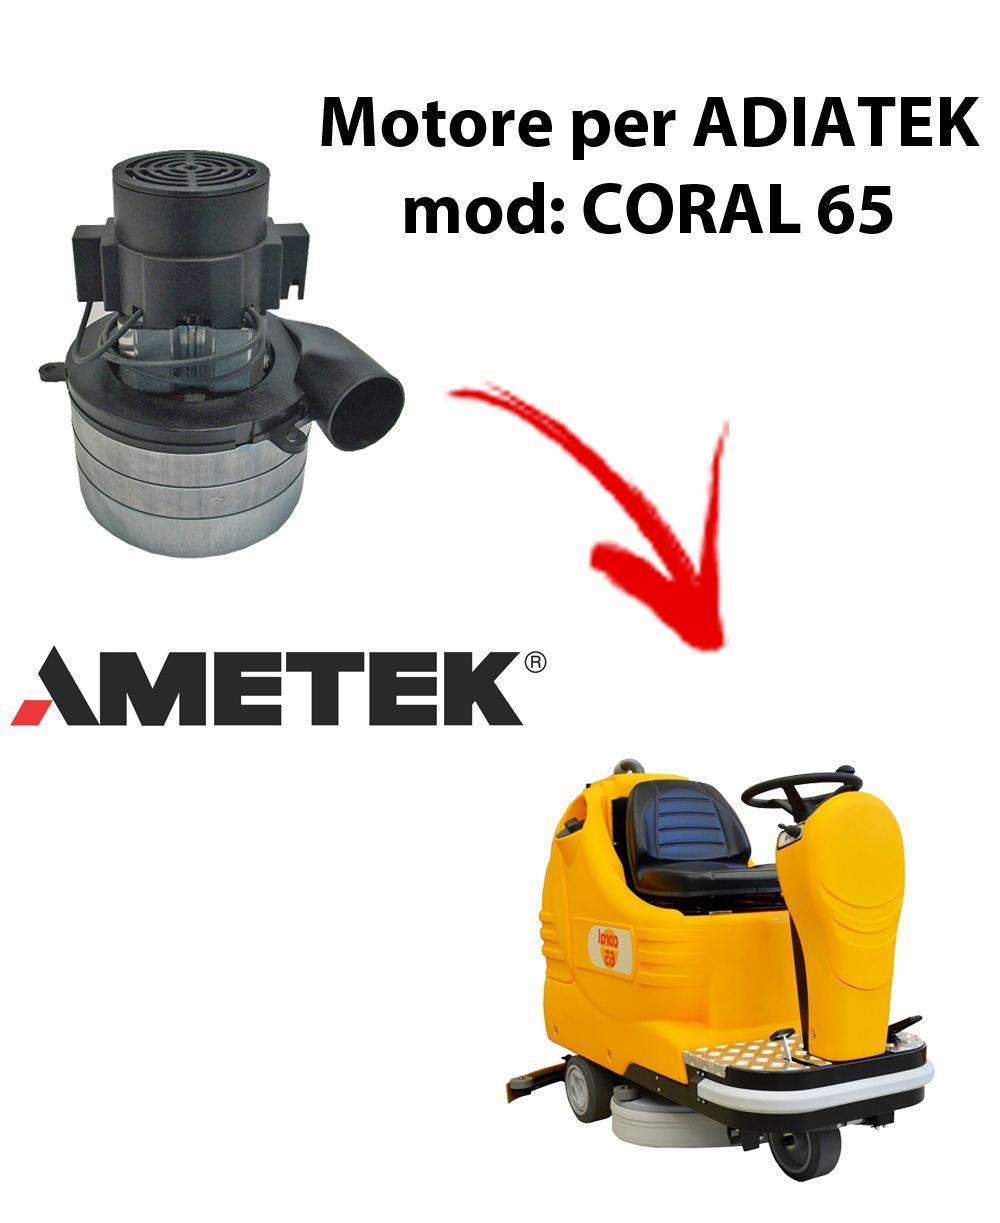 CORAL 65 Saugmotor AMETEK ITALIA für scheuersaugmaschinen Adiatek